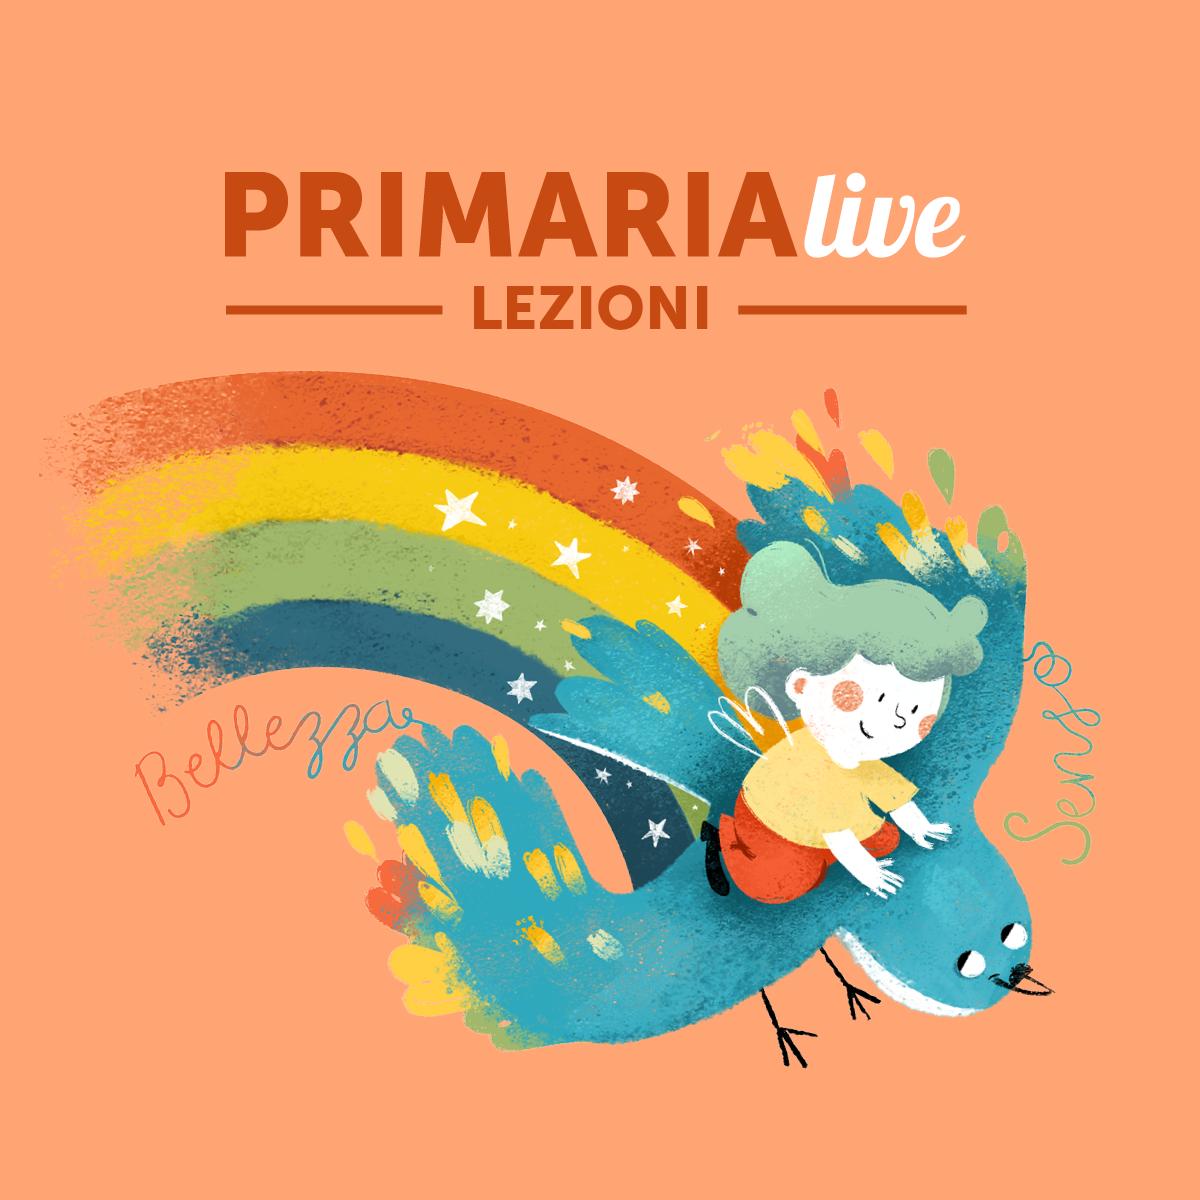 L'uccello con tre ali: lezioni sulla poesia per la scuola primaria - Prima ala: il suono | Bruno Tognolini